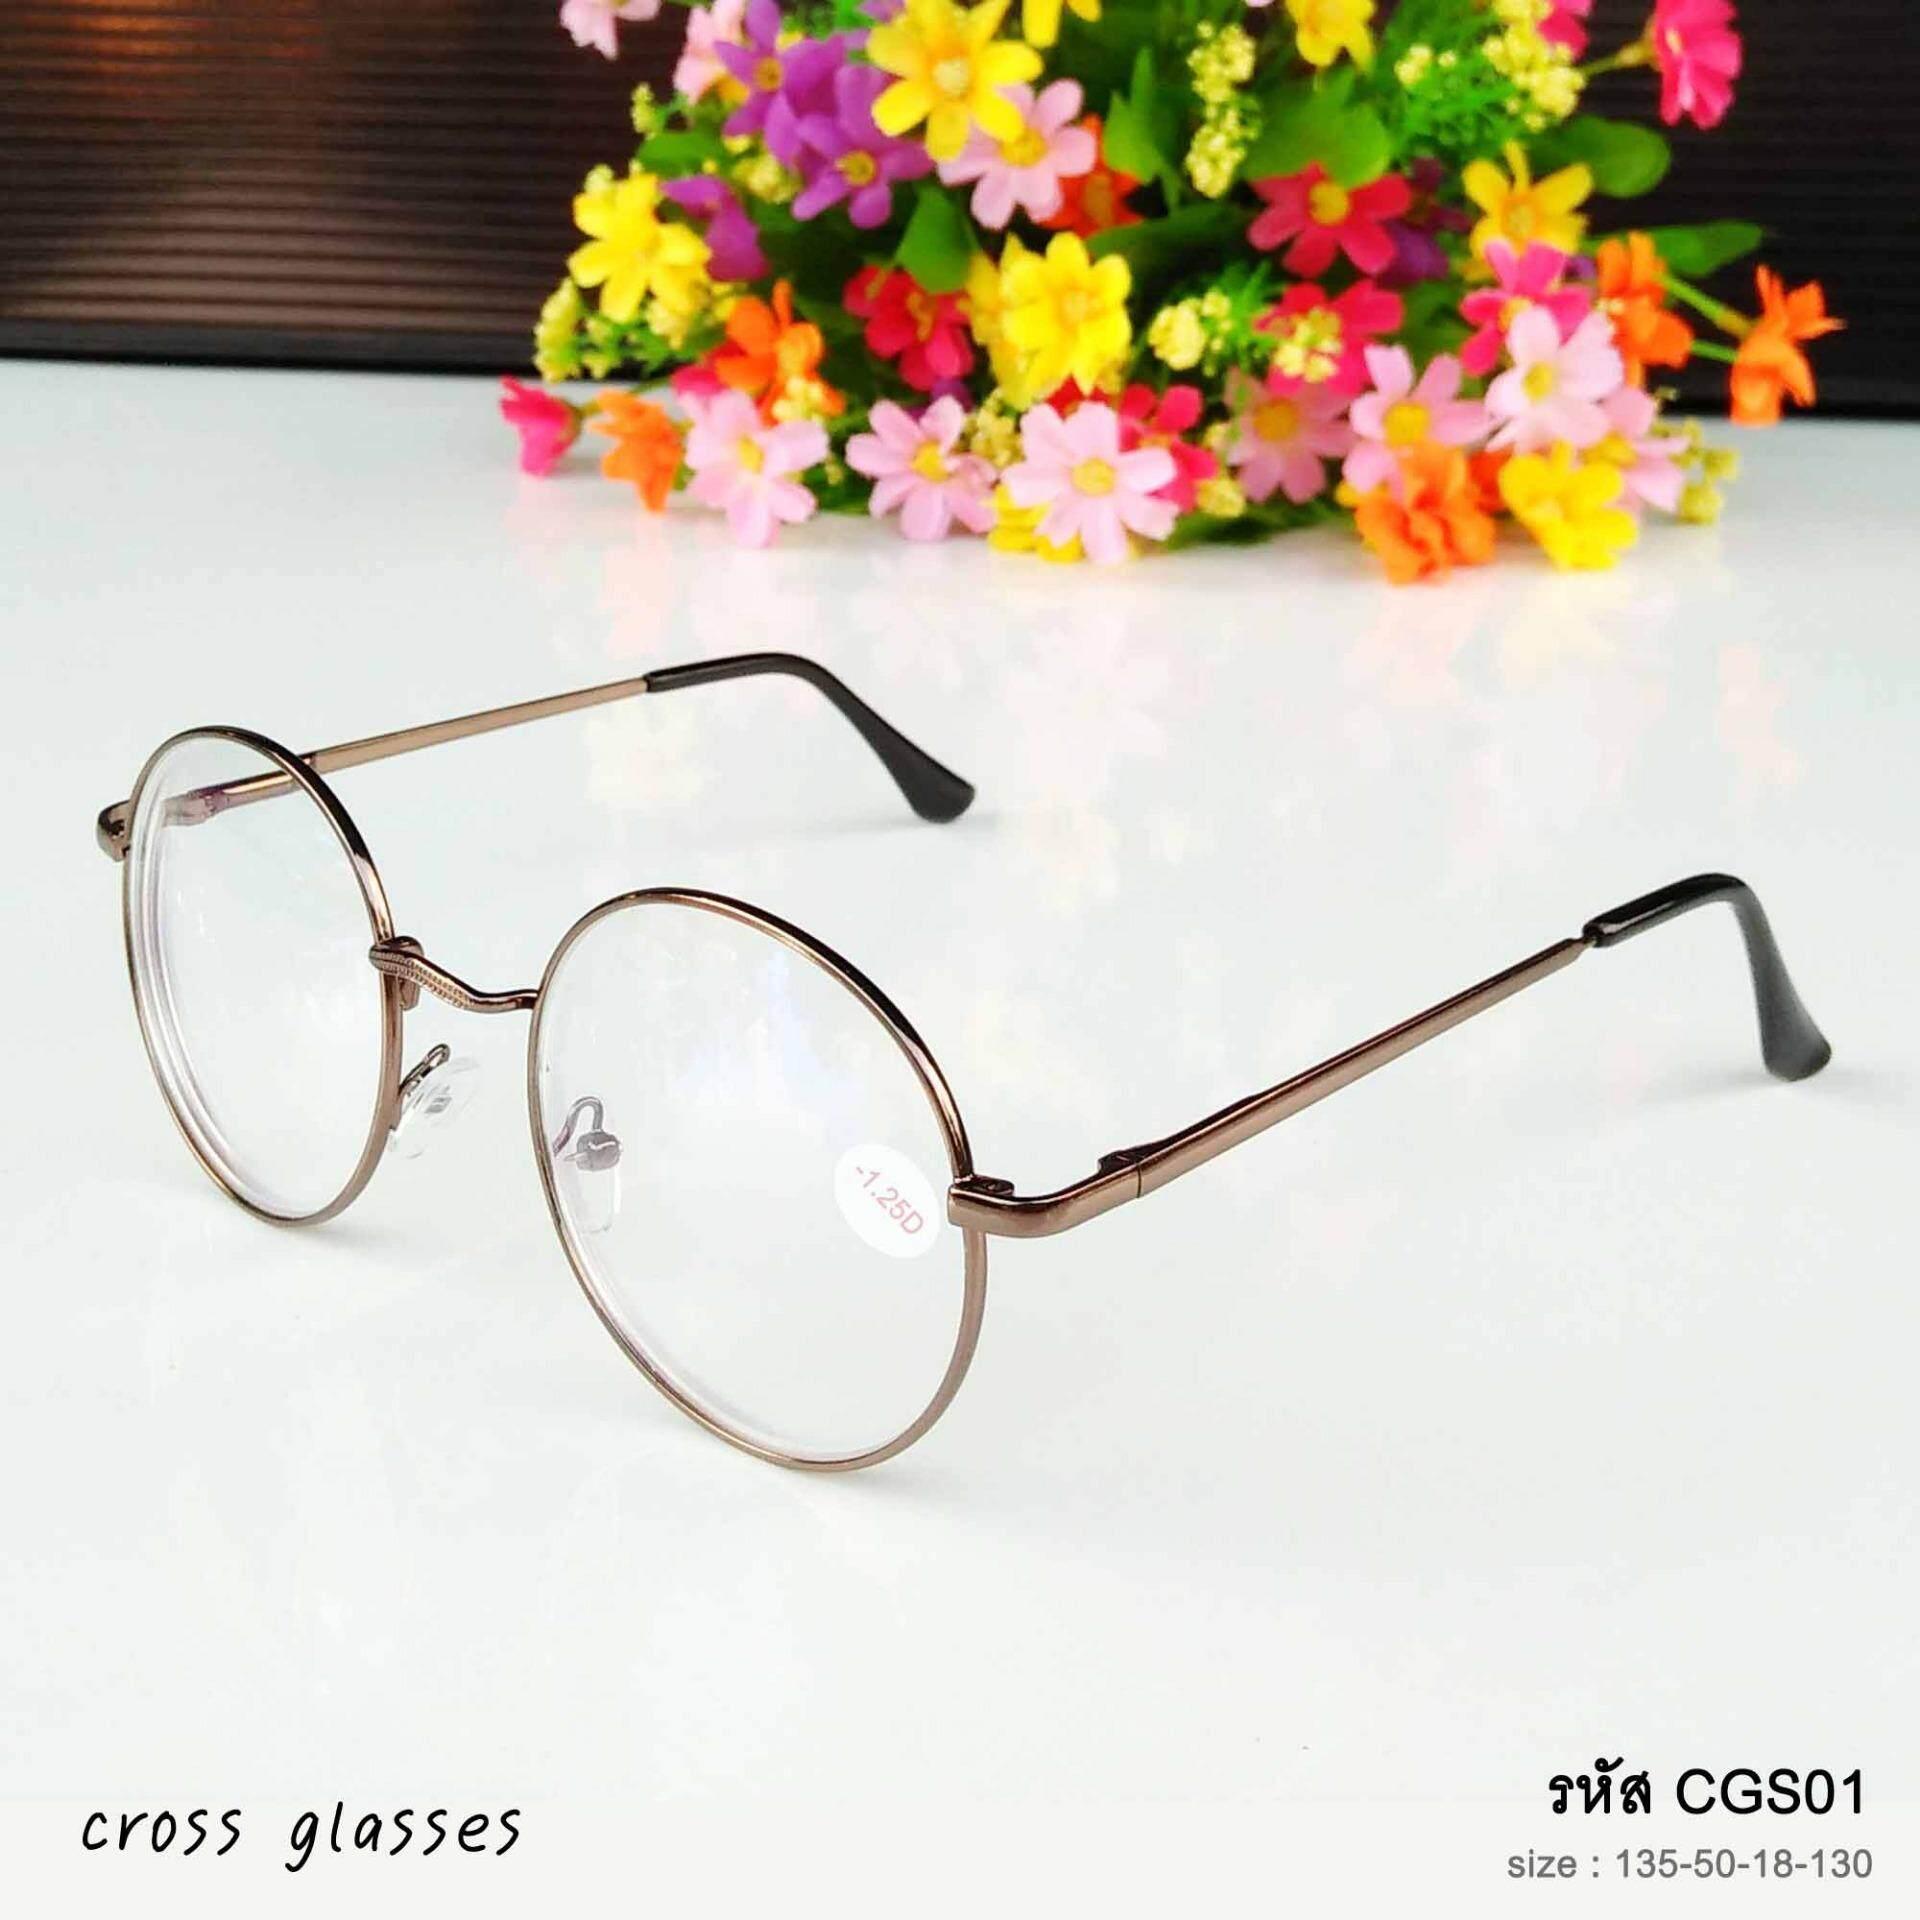 ราคา แว่นสายตาสั้น 1 25 เลนส์กรองแสง ถนอมสายตา รุ่น Cgs01 ราคาถูกที่สุด